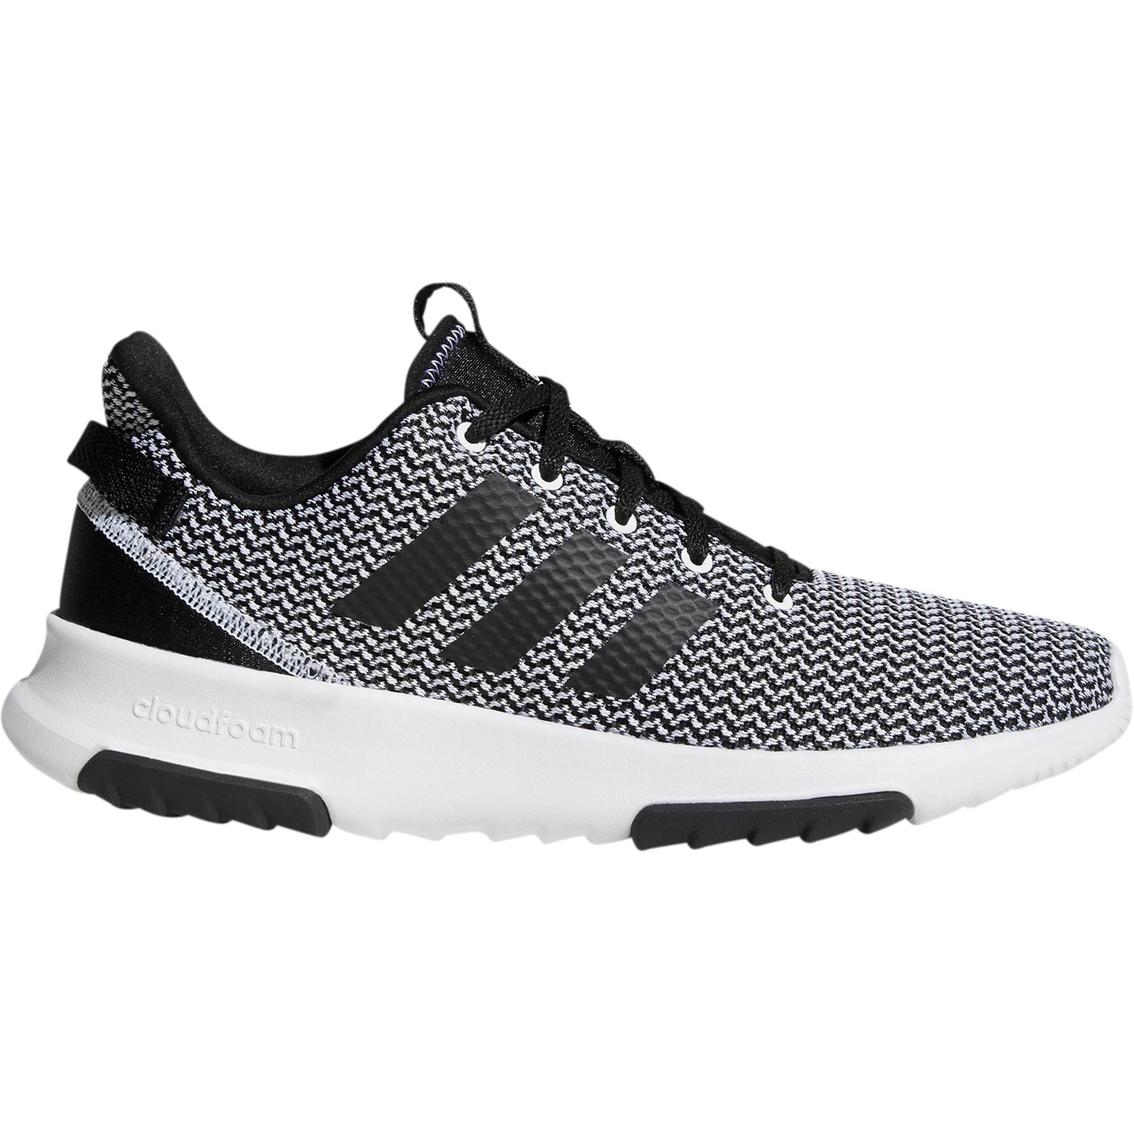 513a68dbd9f Adidas Neo Men's Cloudfoam Racer Tr Running Shoes | Running ...